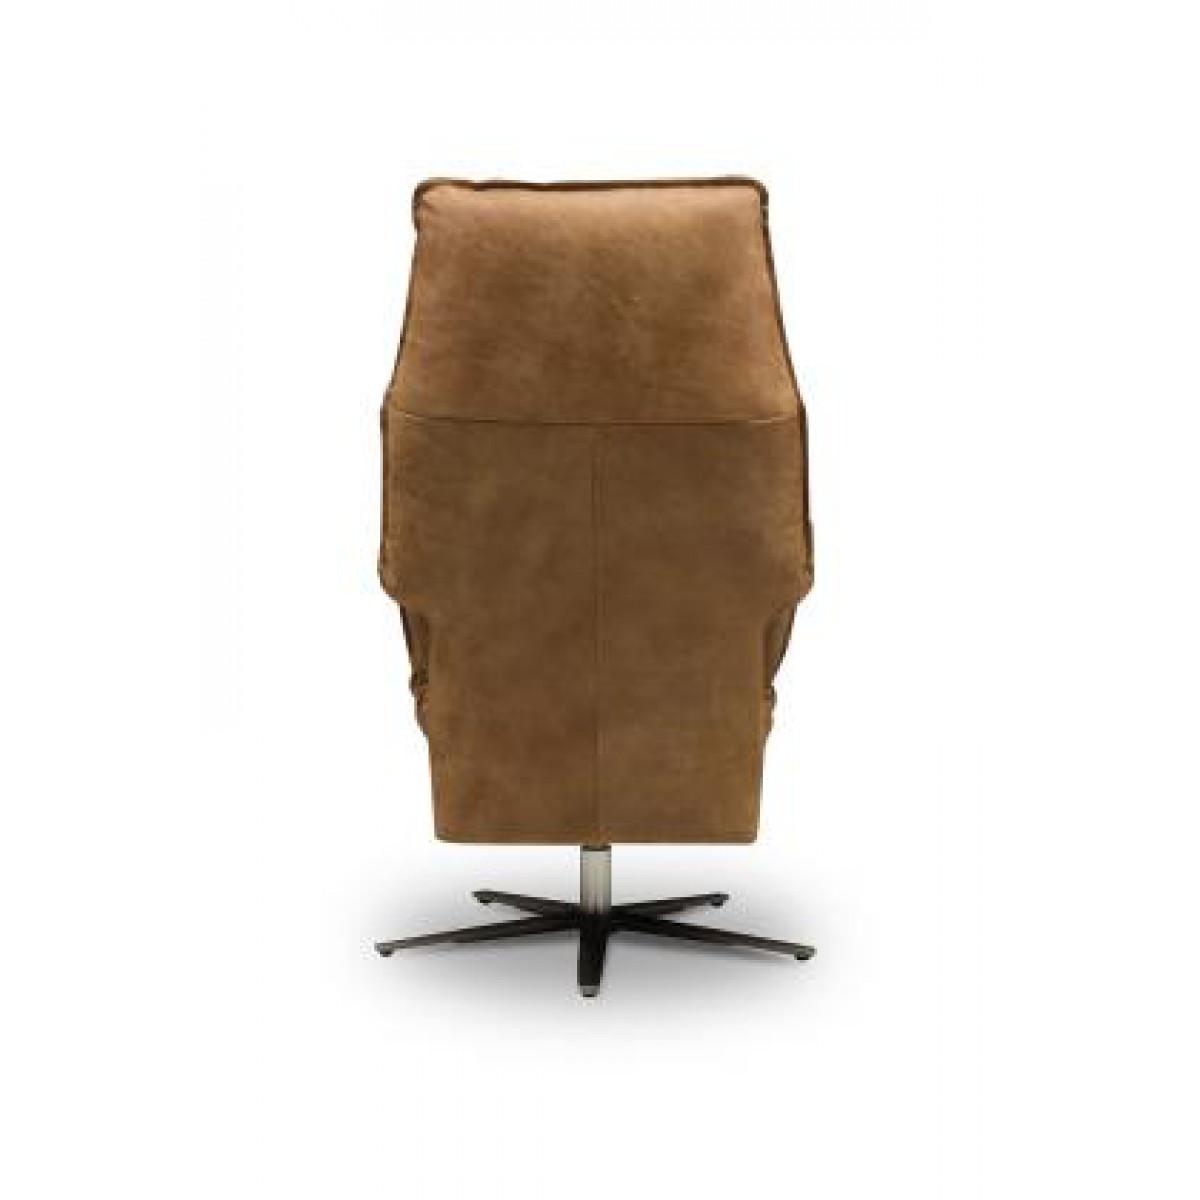 ipanema-relaxfauteuil-leer-het-anker-miltonhouse-rug